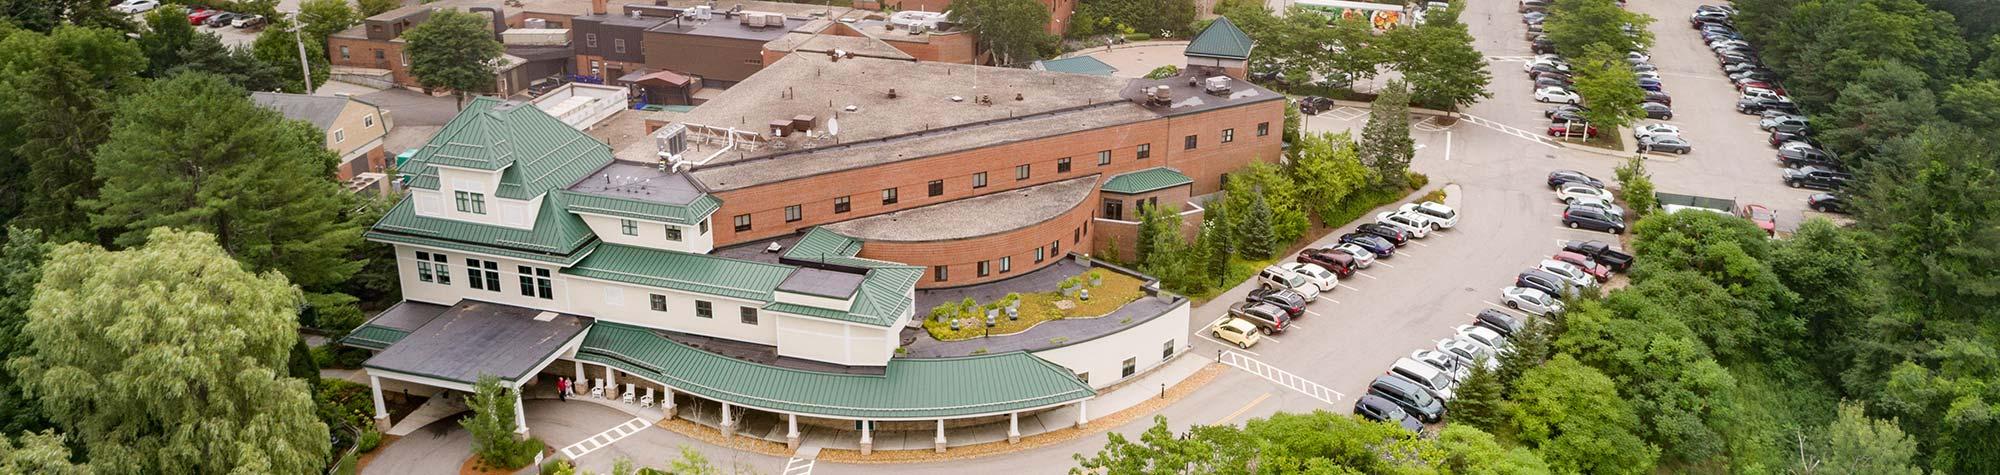 York Hospital - Main Campus | York Hospital